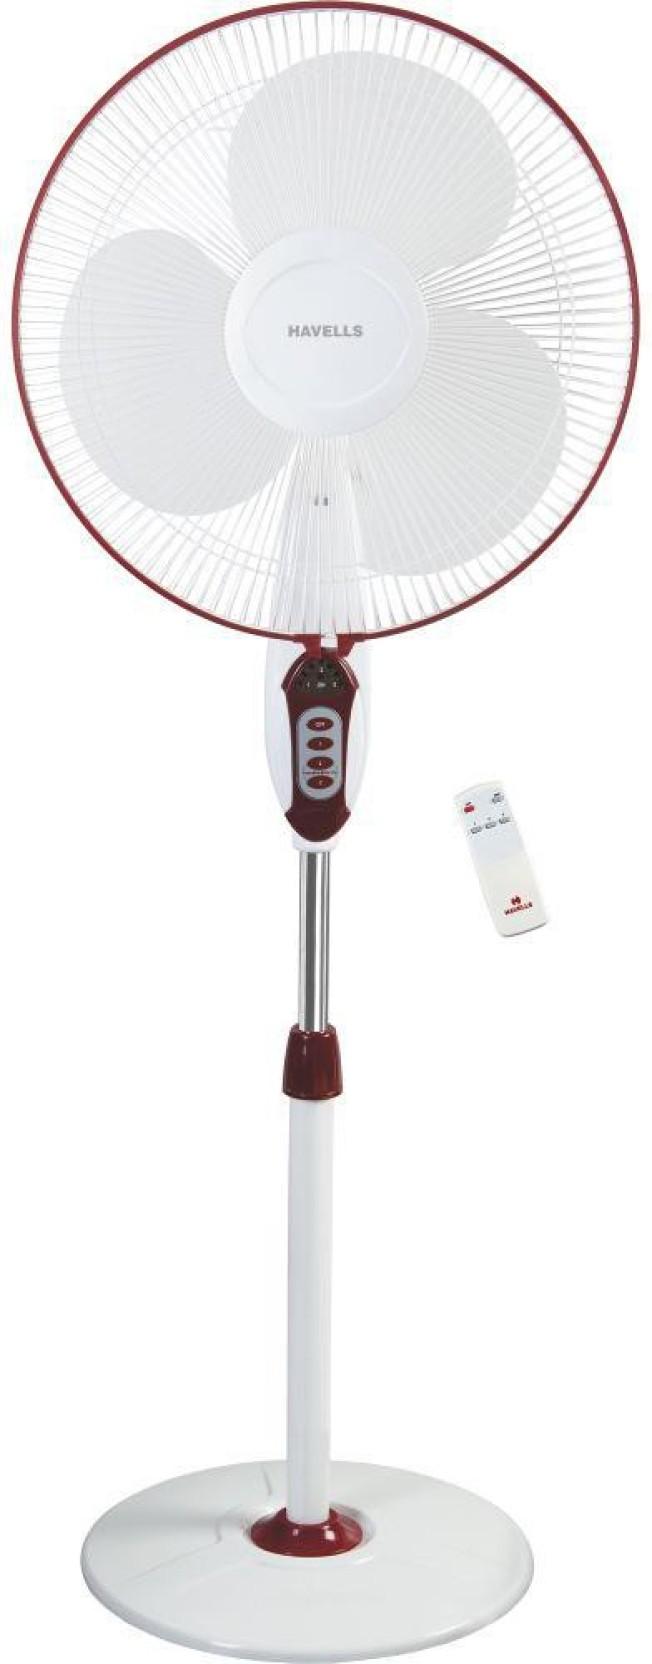 Flipkart Pedestal Fan - The Best Fan Of 2018 for Crompton Pedestal Fan  110yll